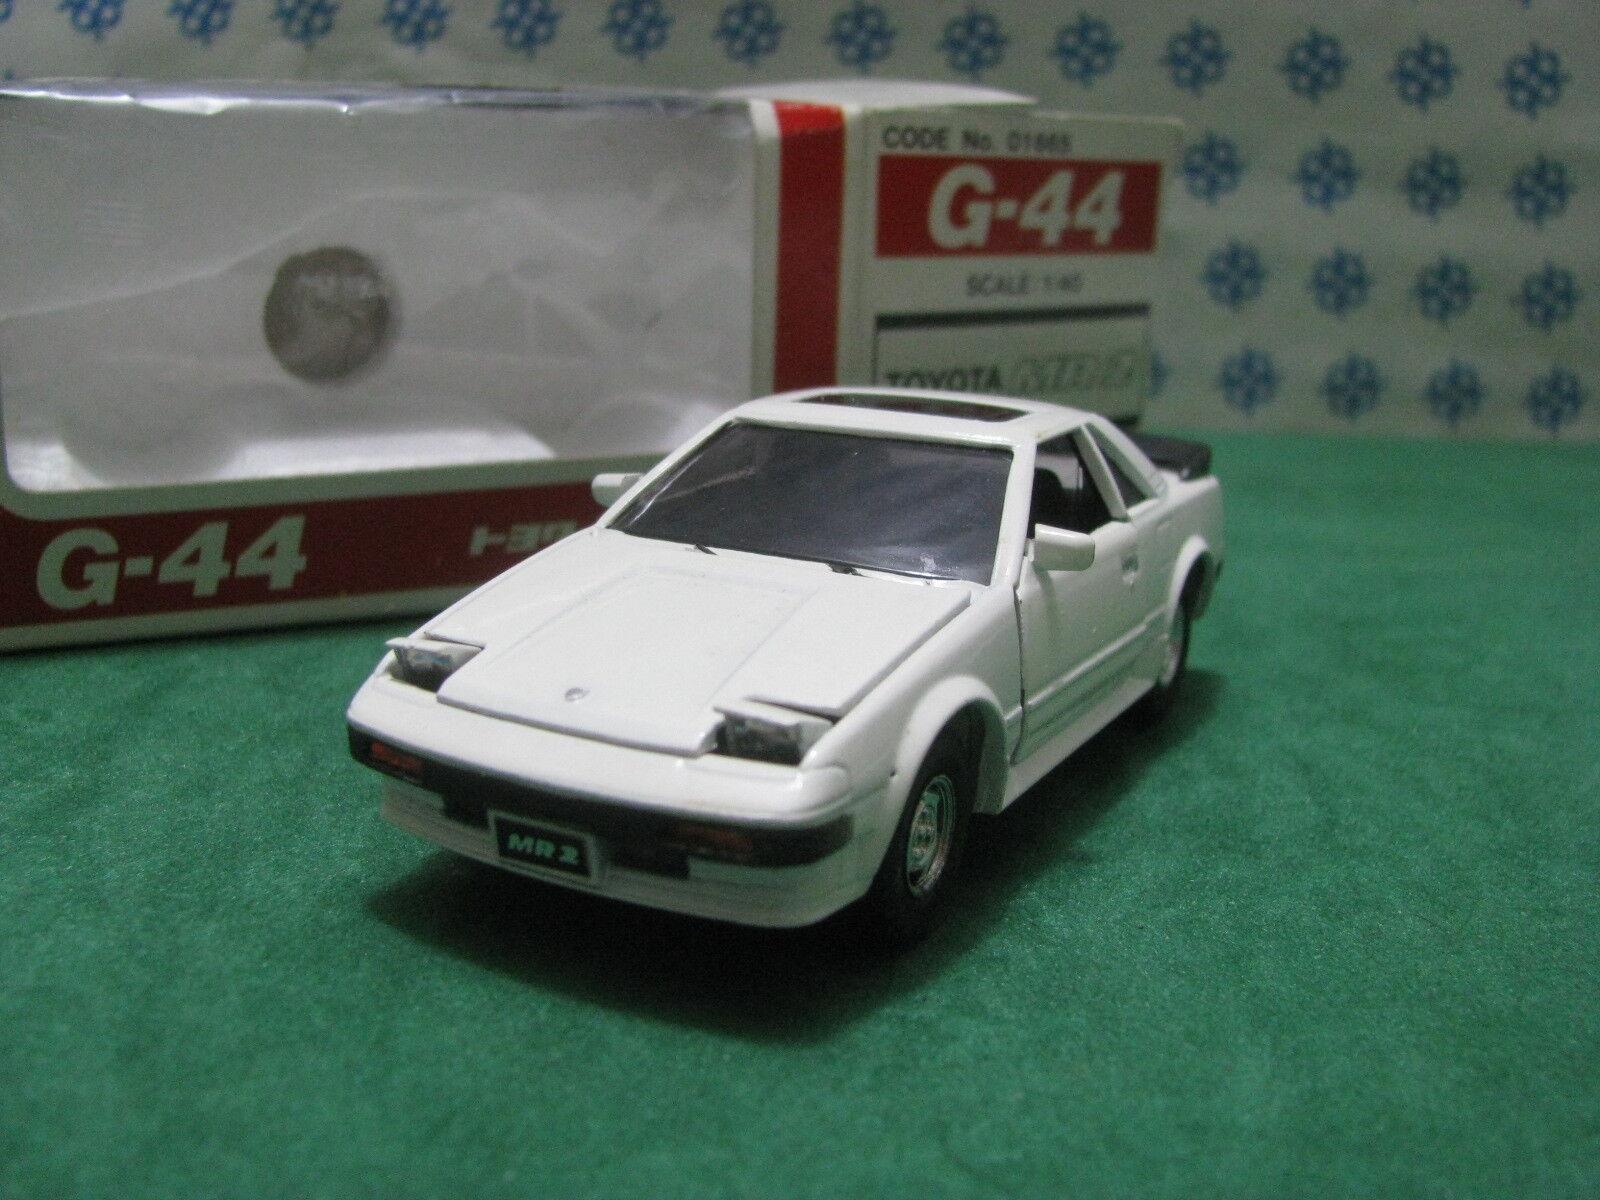 Vintage - TOYOTA MR2 - 1 40 G-44 Diapet Yonezawa toys n°01665